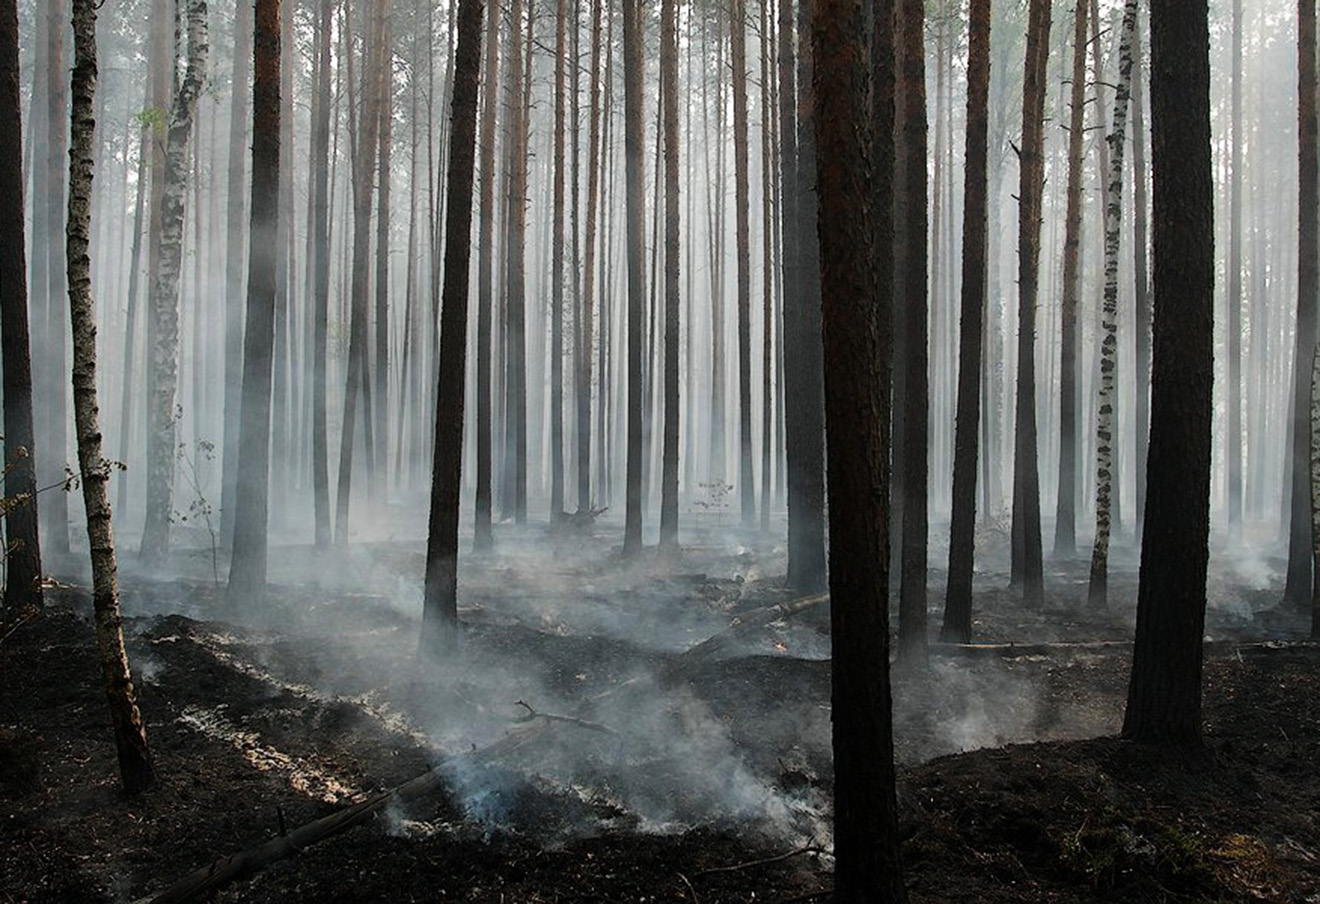 Последствия лесных пожаров в России, 2010 год. Фото: Игорь Подгорный / Greenpeace